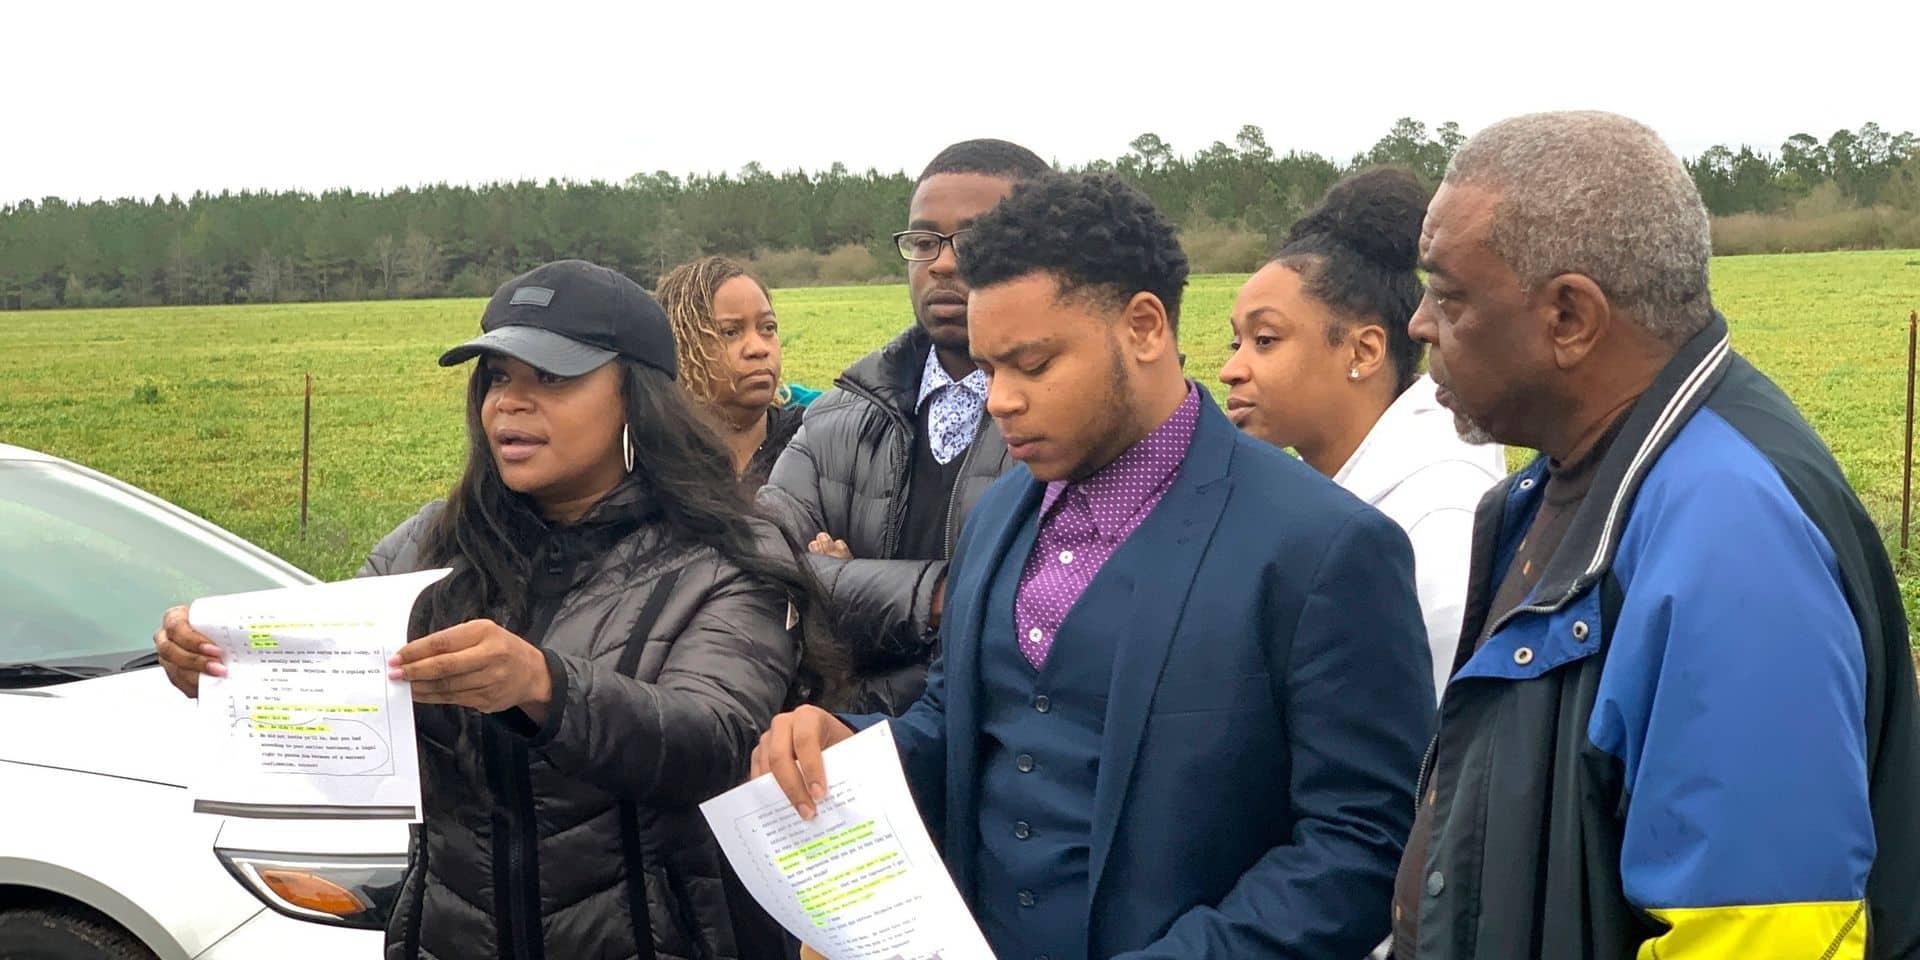 Un condamné exécuté dans l'Alabama malgré une forte mobilisation